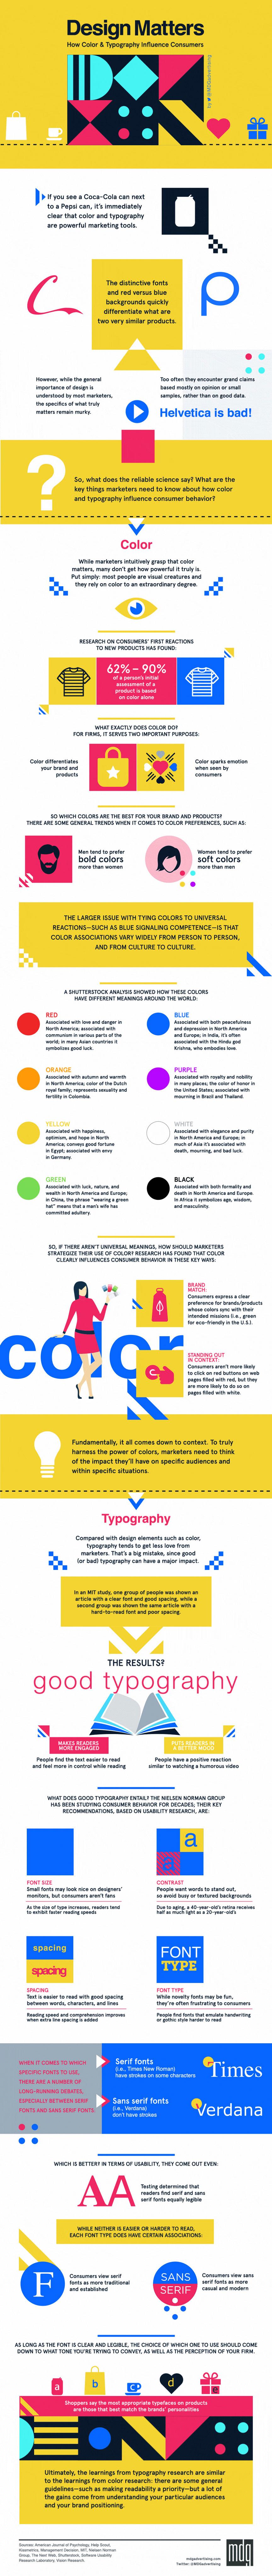 Efectos de la tipografía y los colores en los consumidores